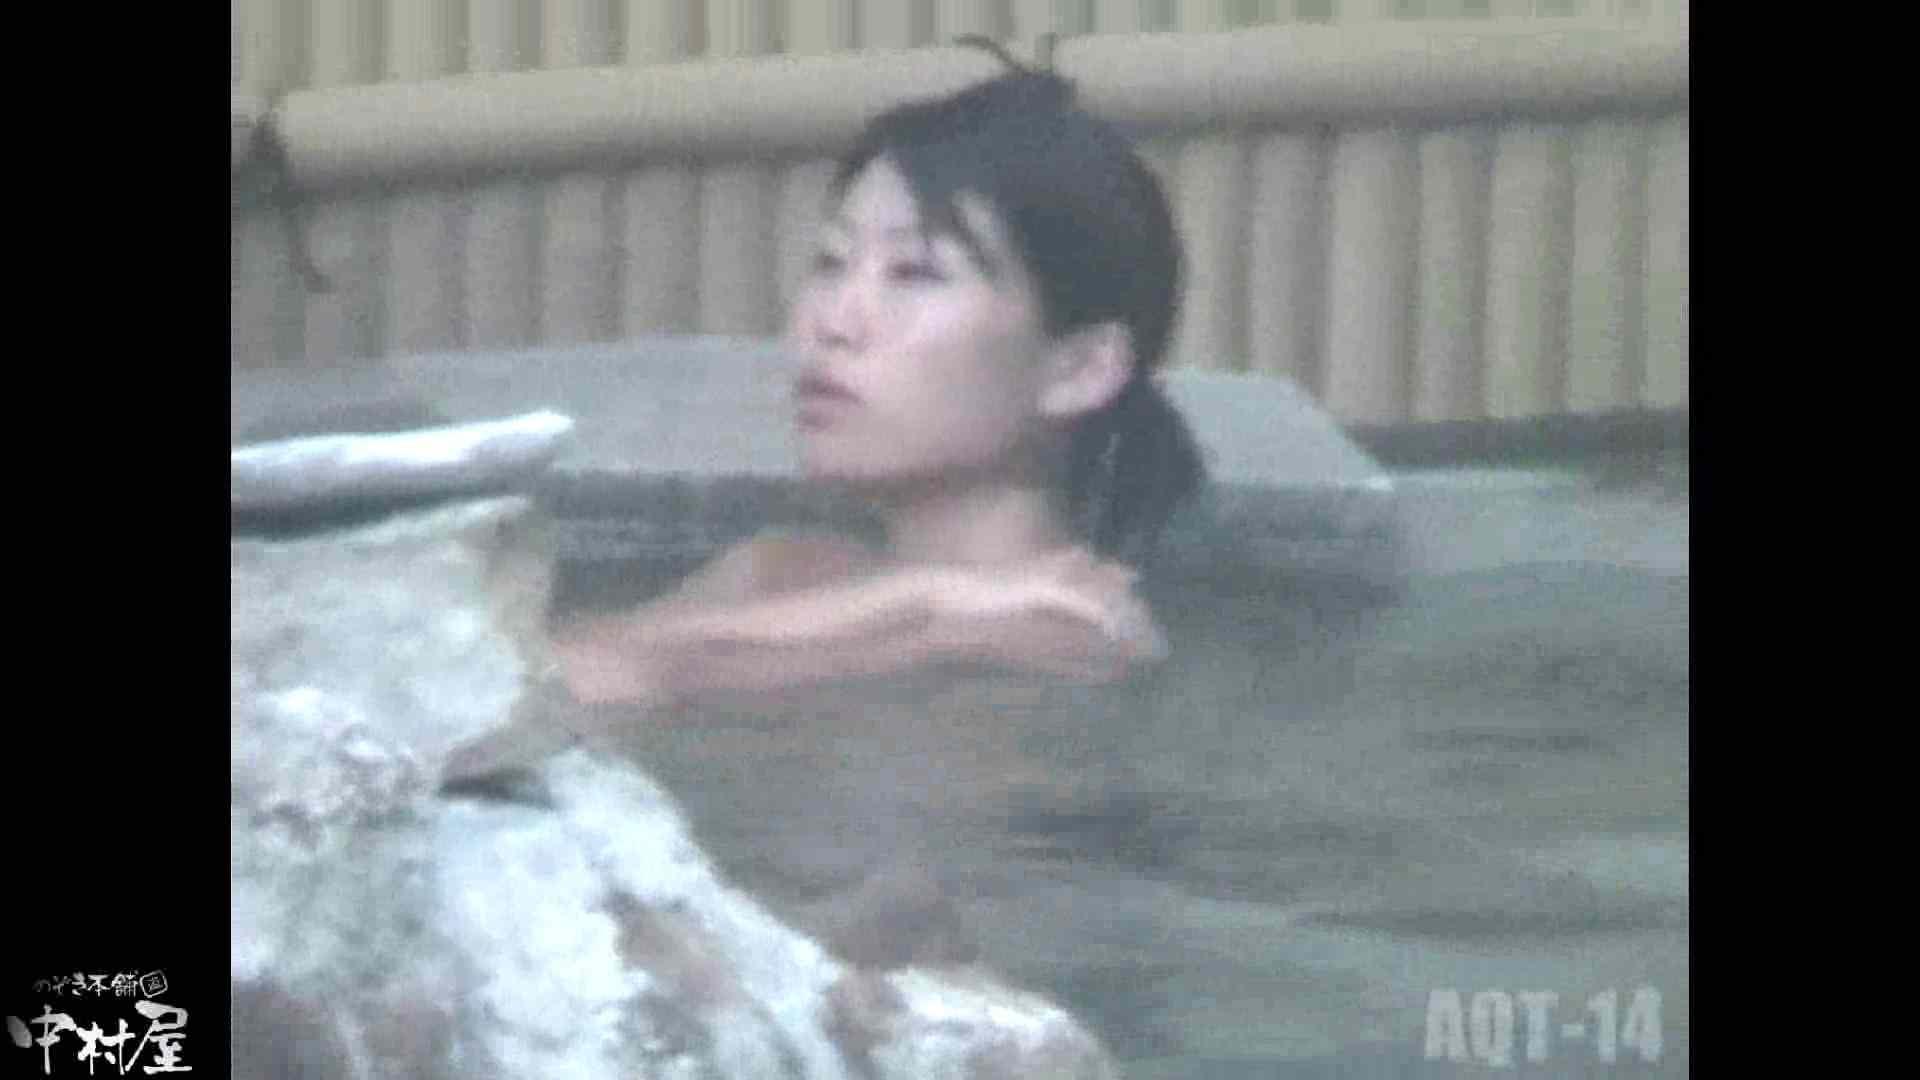 Aquaな露天風呂Vol.878潜入盗撮露天風呂十四判湯 其の一 露天 | 盗撮  78pic 8